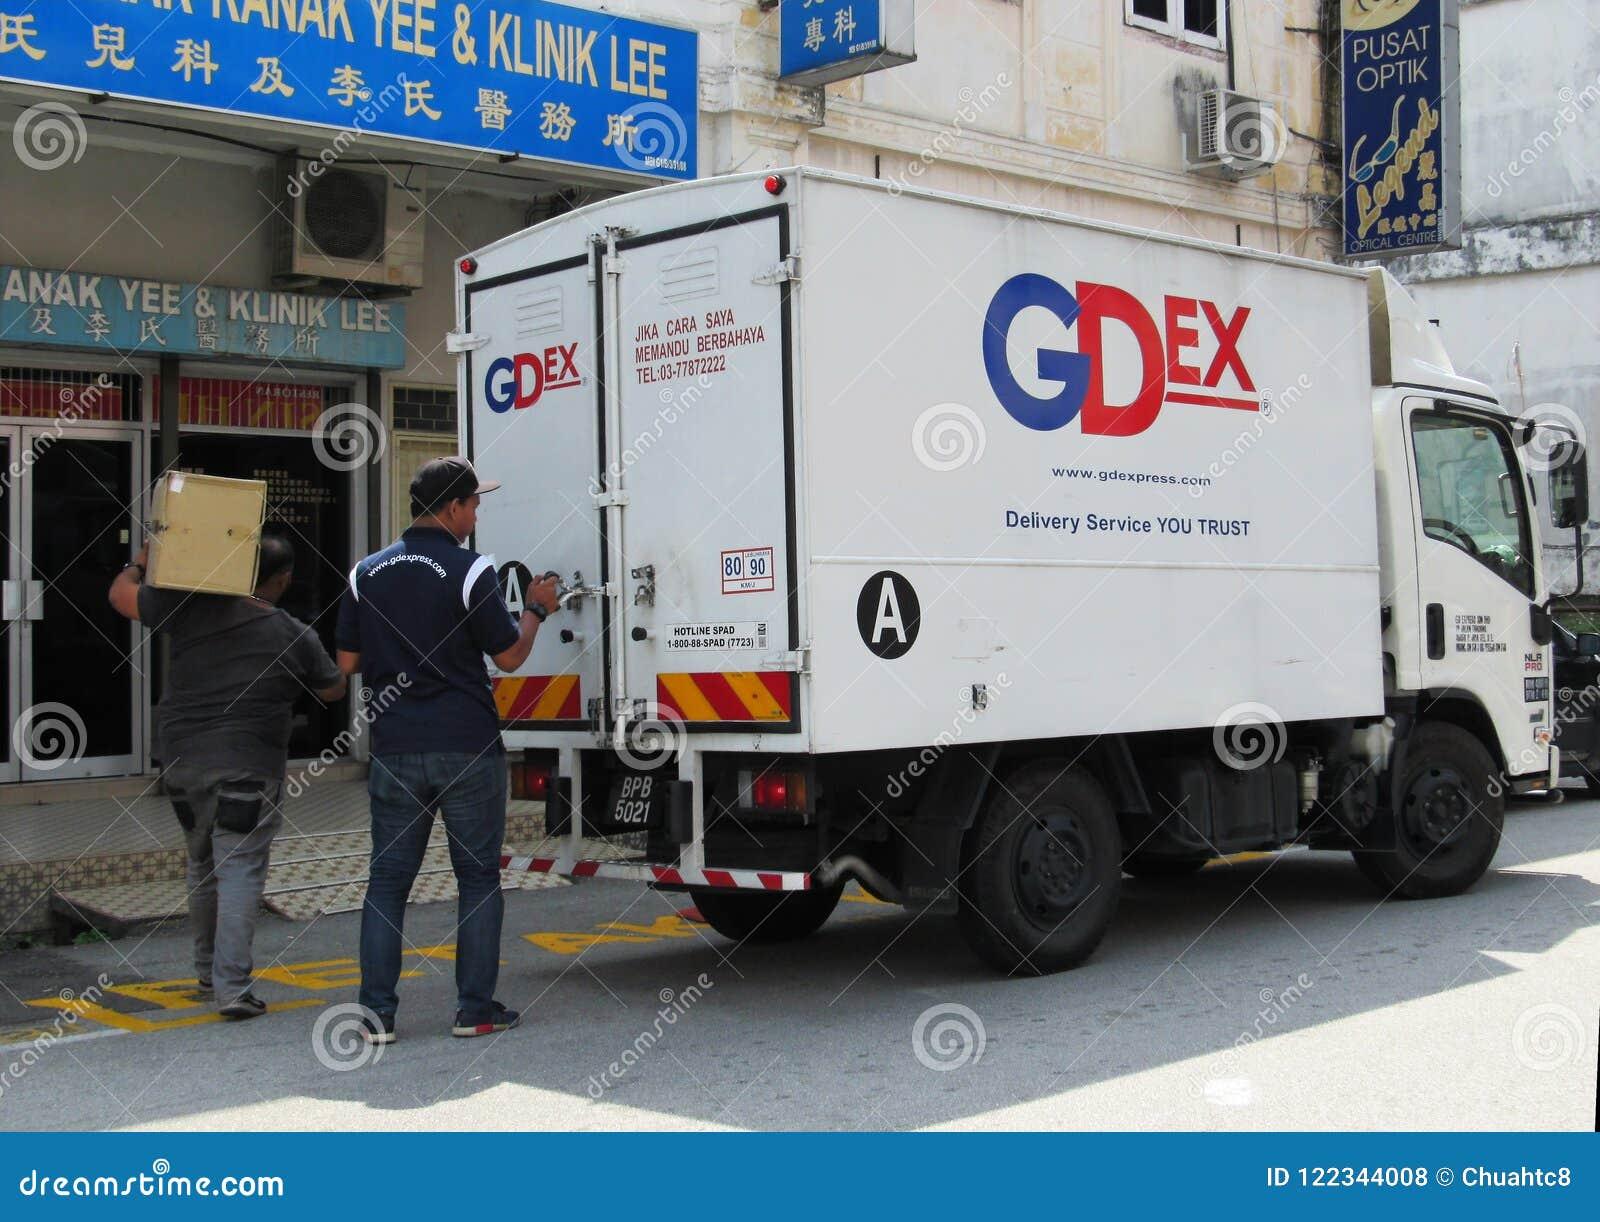 GDExpress-Angestellte heraus auf Lieferung